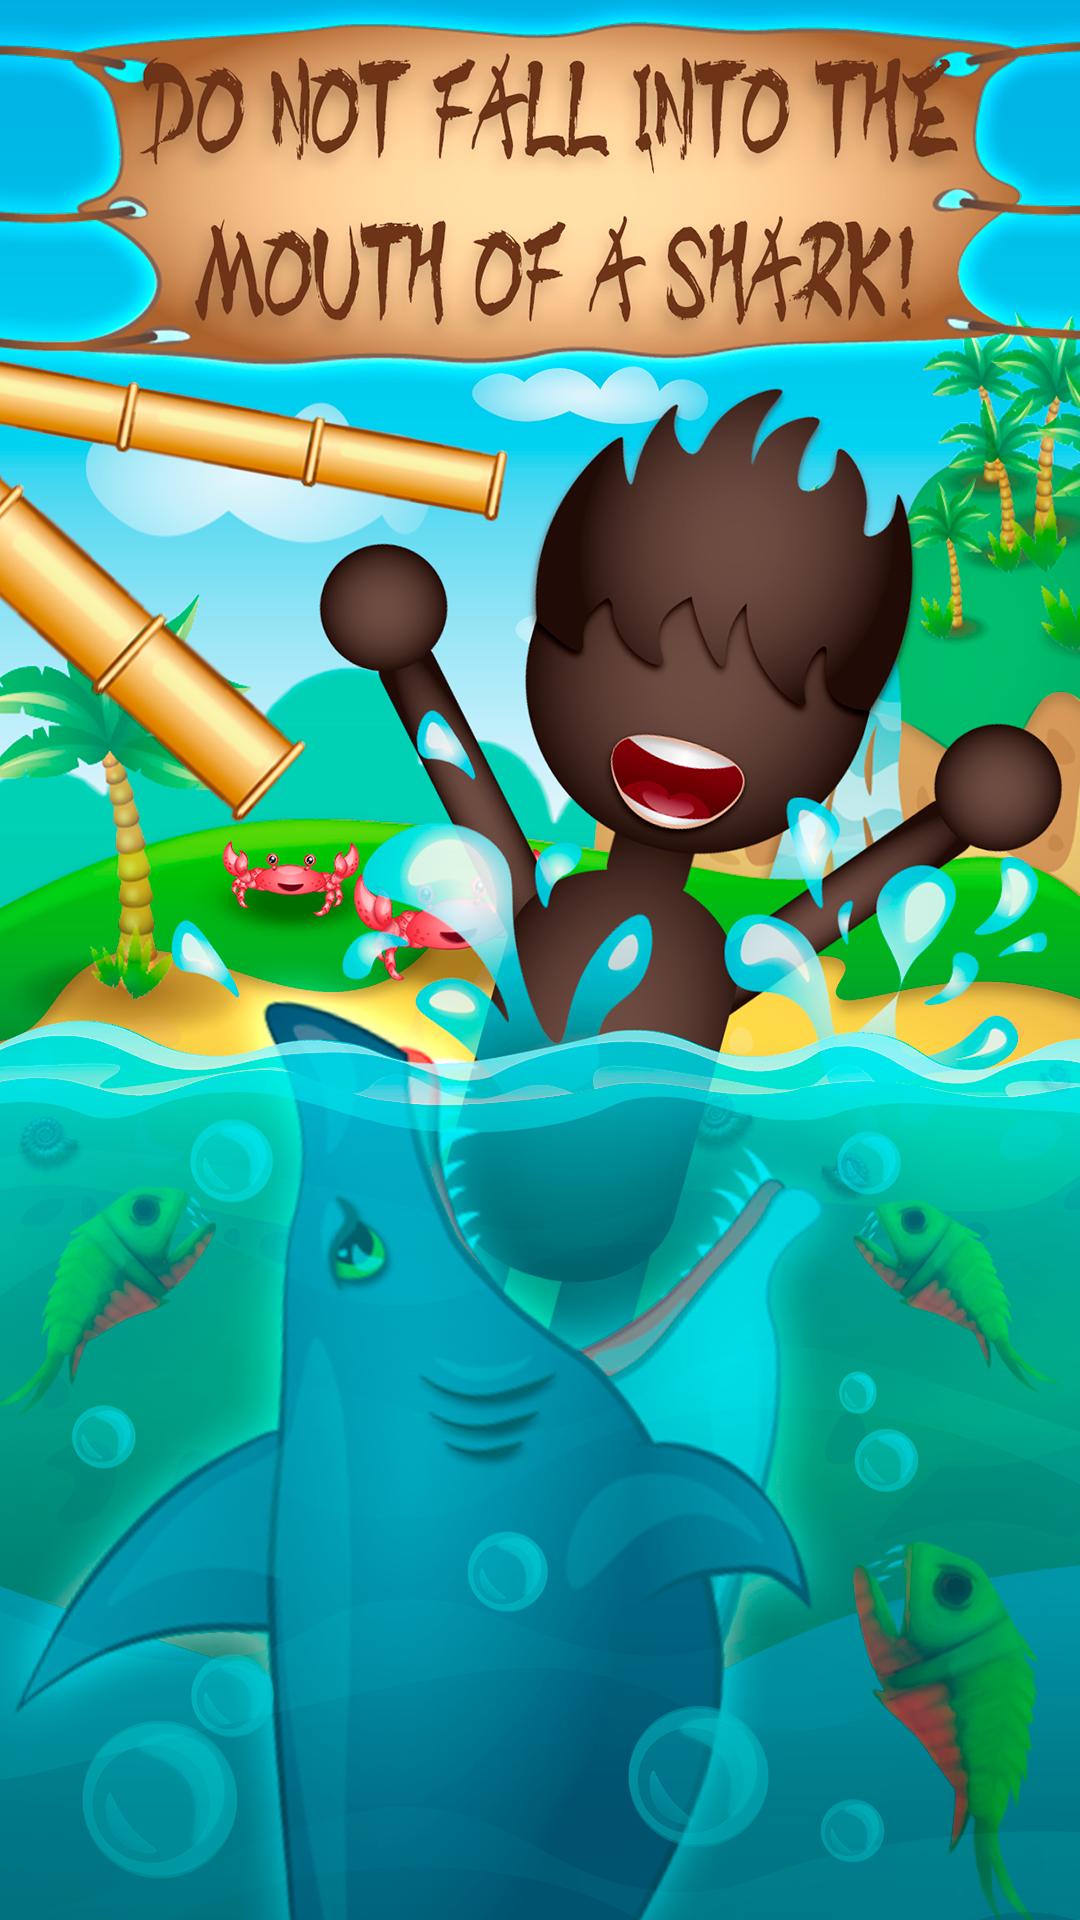 Torpe Campista Stickman Juegos: Amazon.es: Appstore para Android